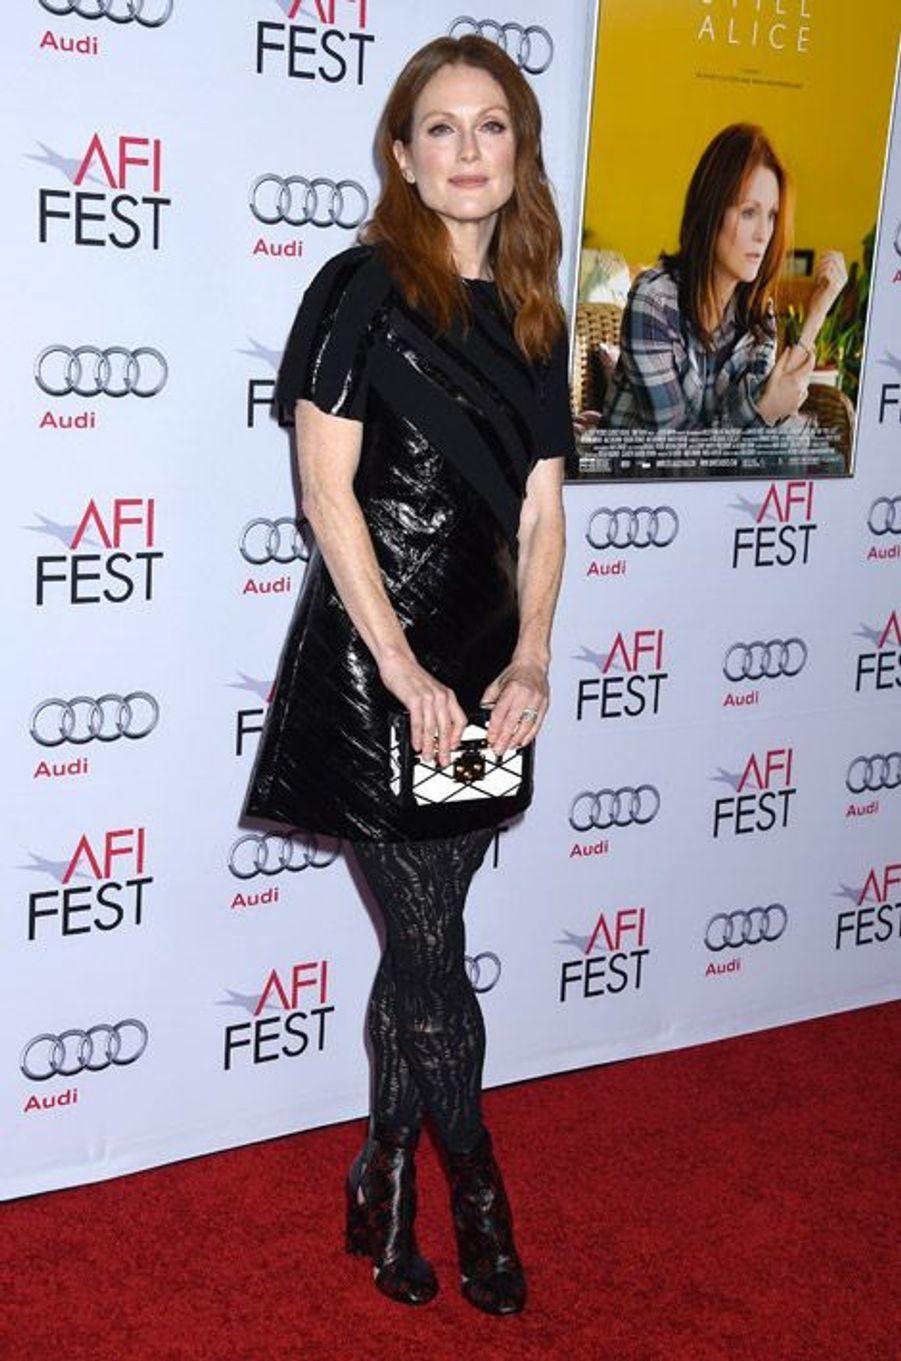 """L'actrice Julianne Moore en Louis Vuitton lors de la projection du film """"Still Alice"""" à Los Angeles, le 12 novembre 2014"""